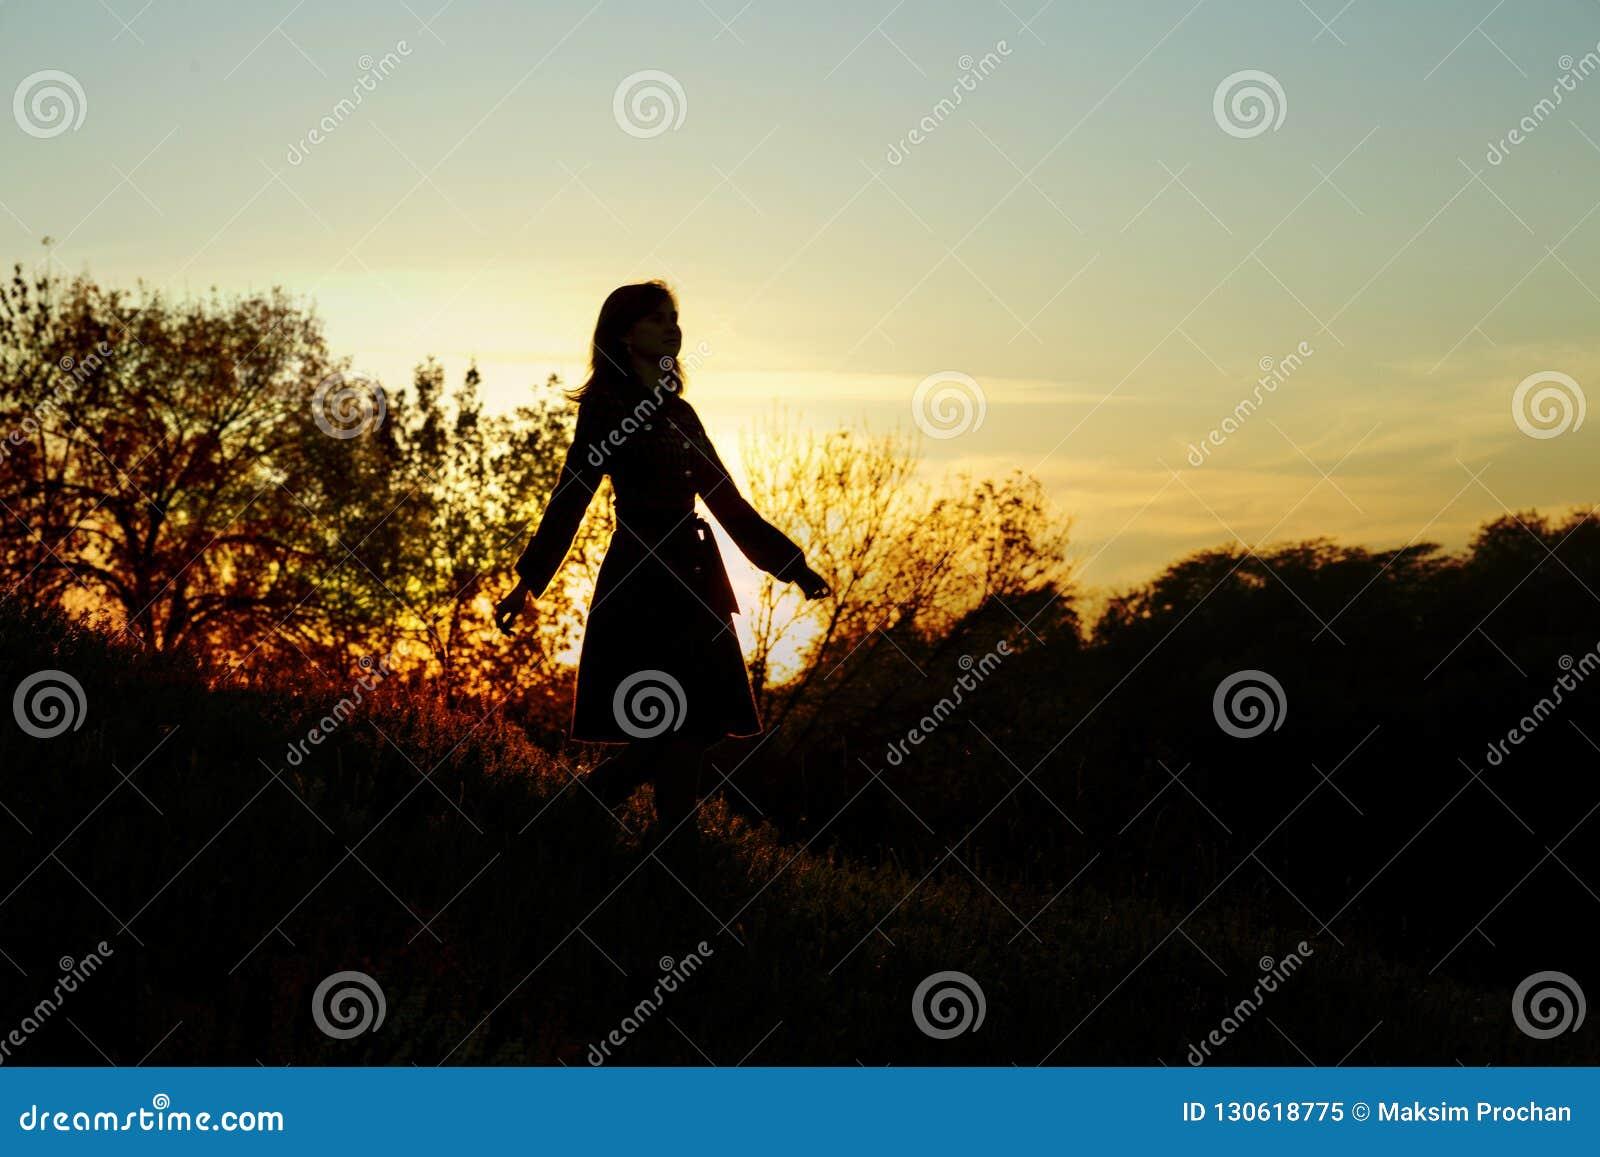 Silhouette d une jeune femme descendant d une colline au coucher du soleil, une fille marchant pendant l automne dans le domaine